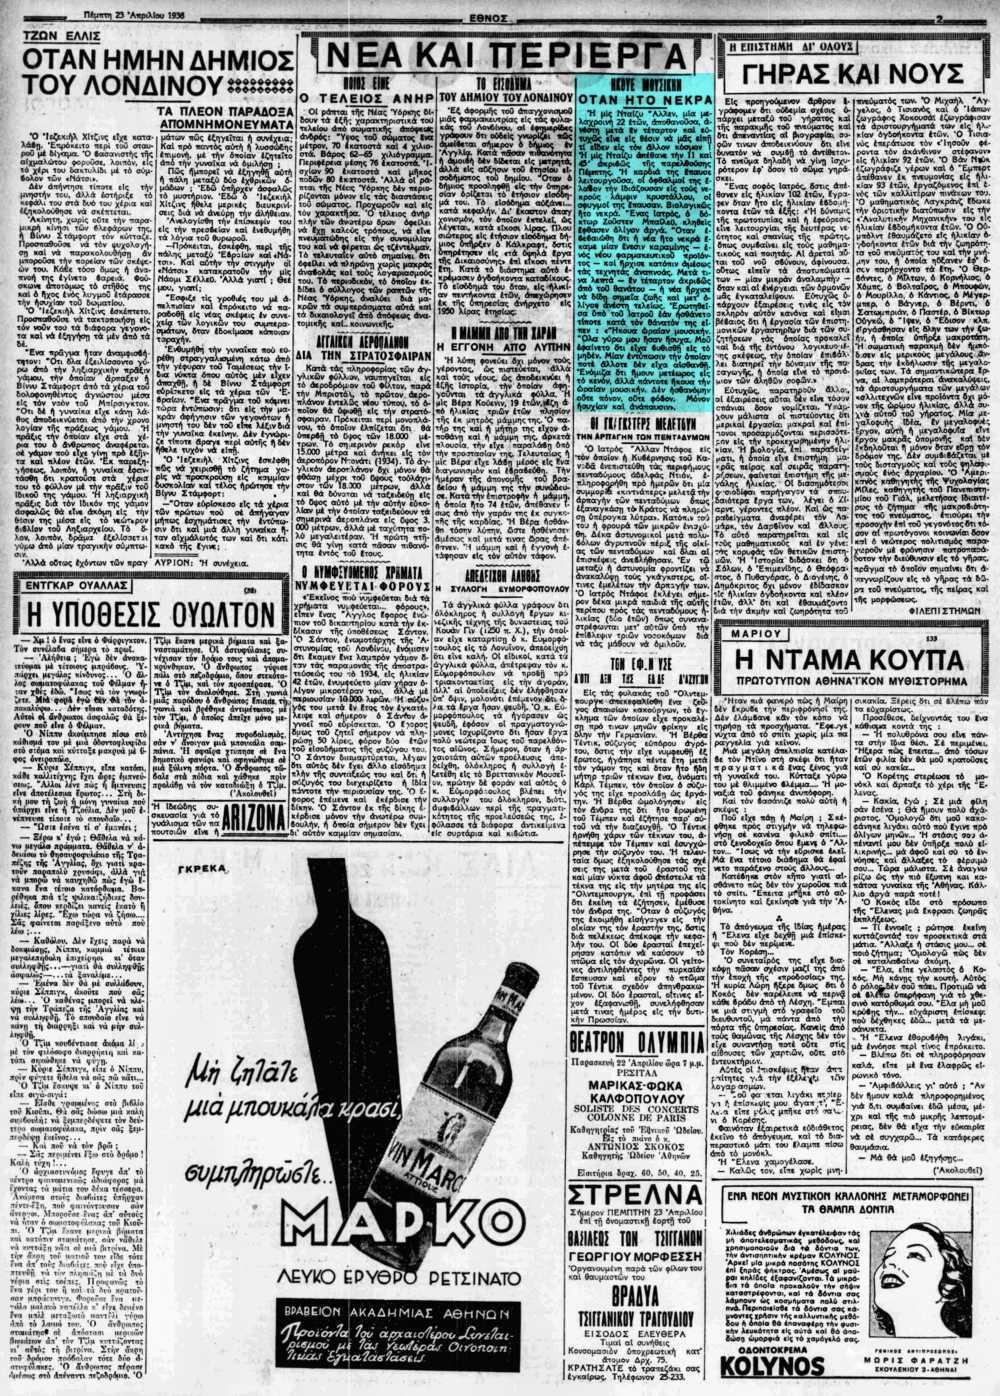 """Το άρθρο, όπως δημοσιεύθηκε στην εφημερίδα """"ΕΘΝΟΣ"""", στις 23/04/1936"""